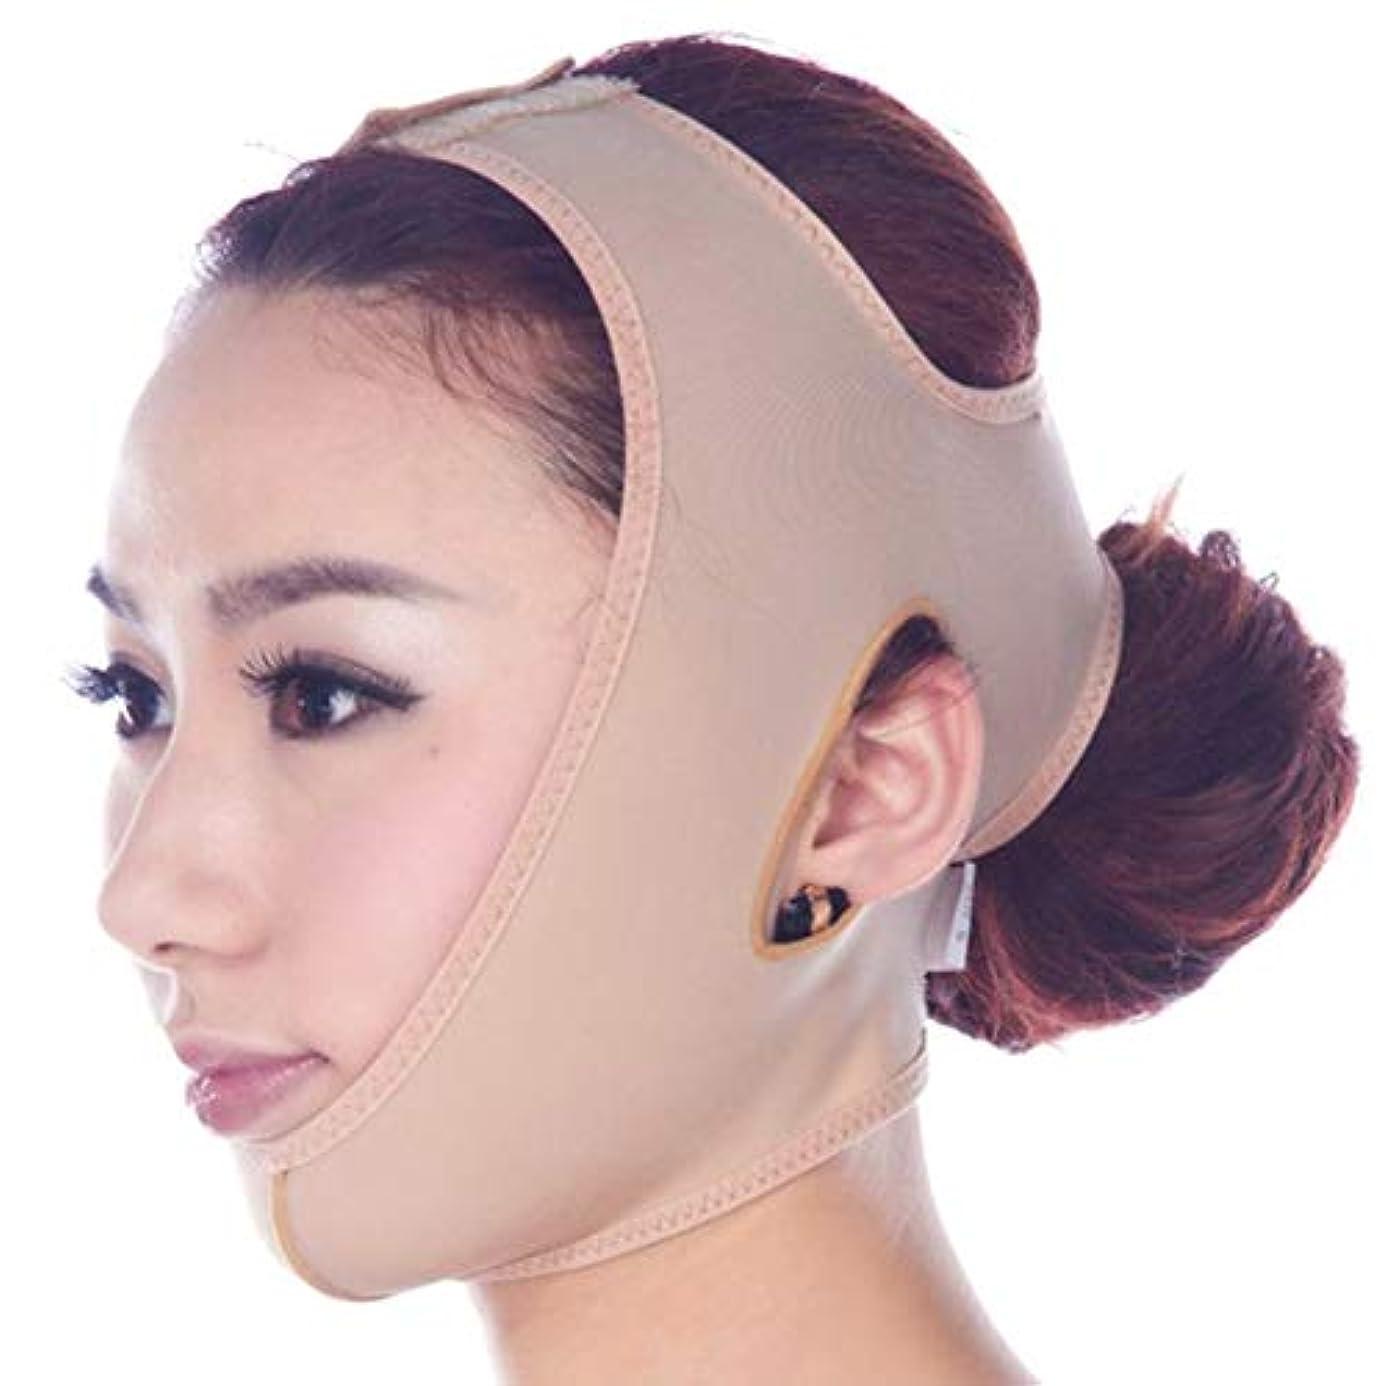 胚芽学校教育レモンフェイスリフトアップベルトマスク痩身包帯スキンケアシェイパーは、二重顎Thiningバンドを減らします,S